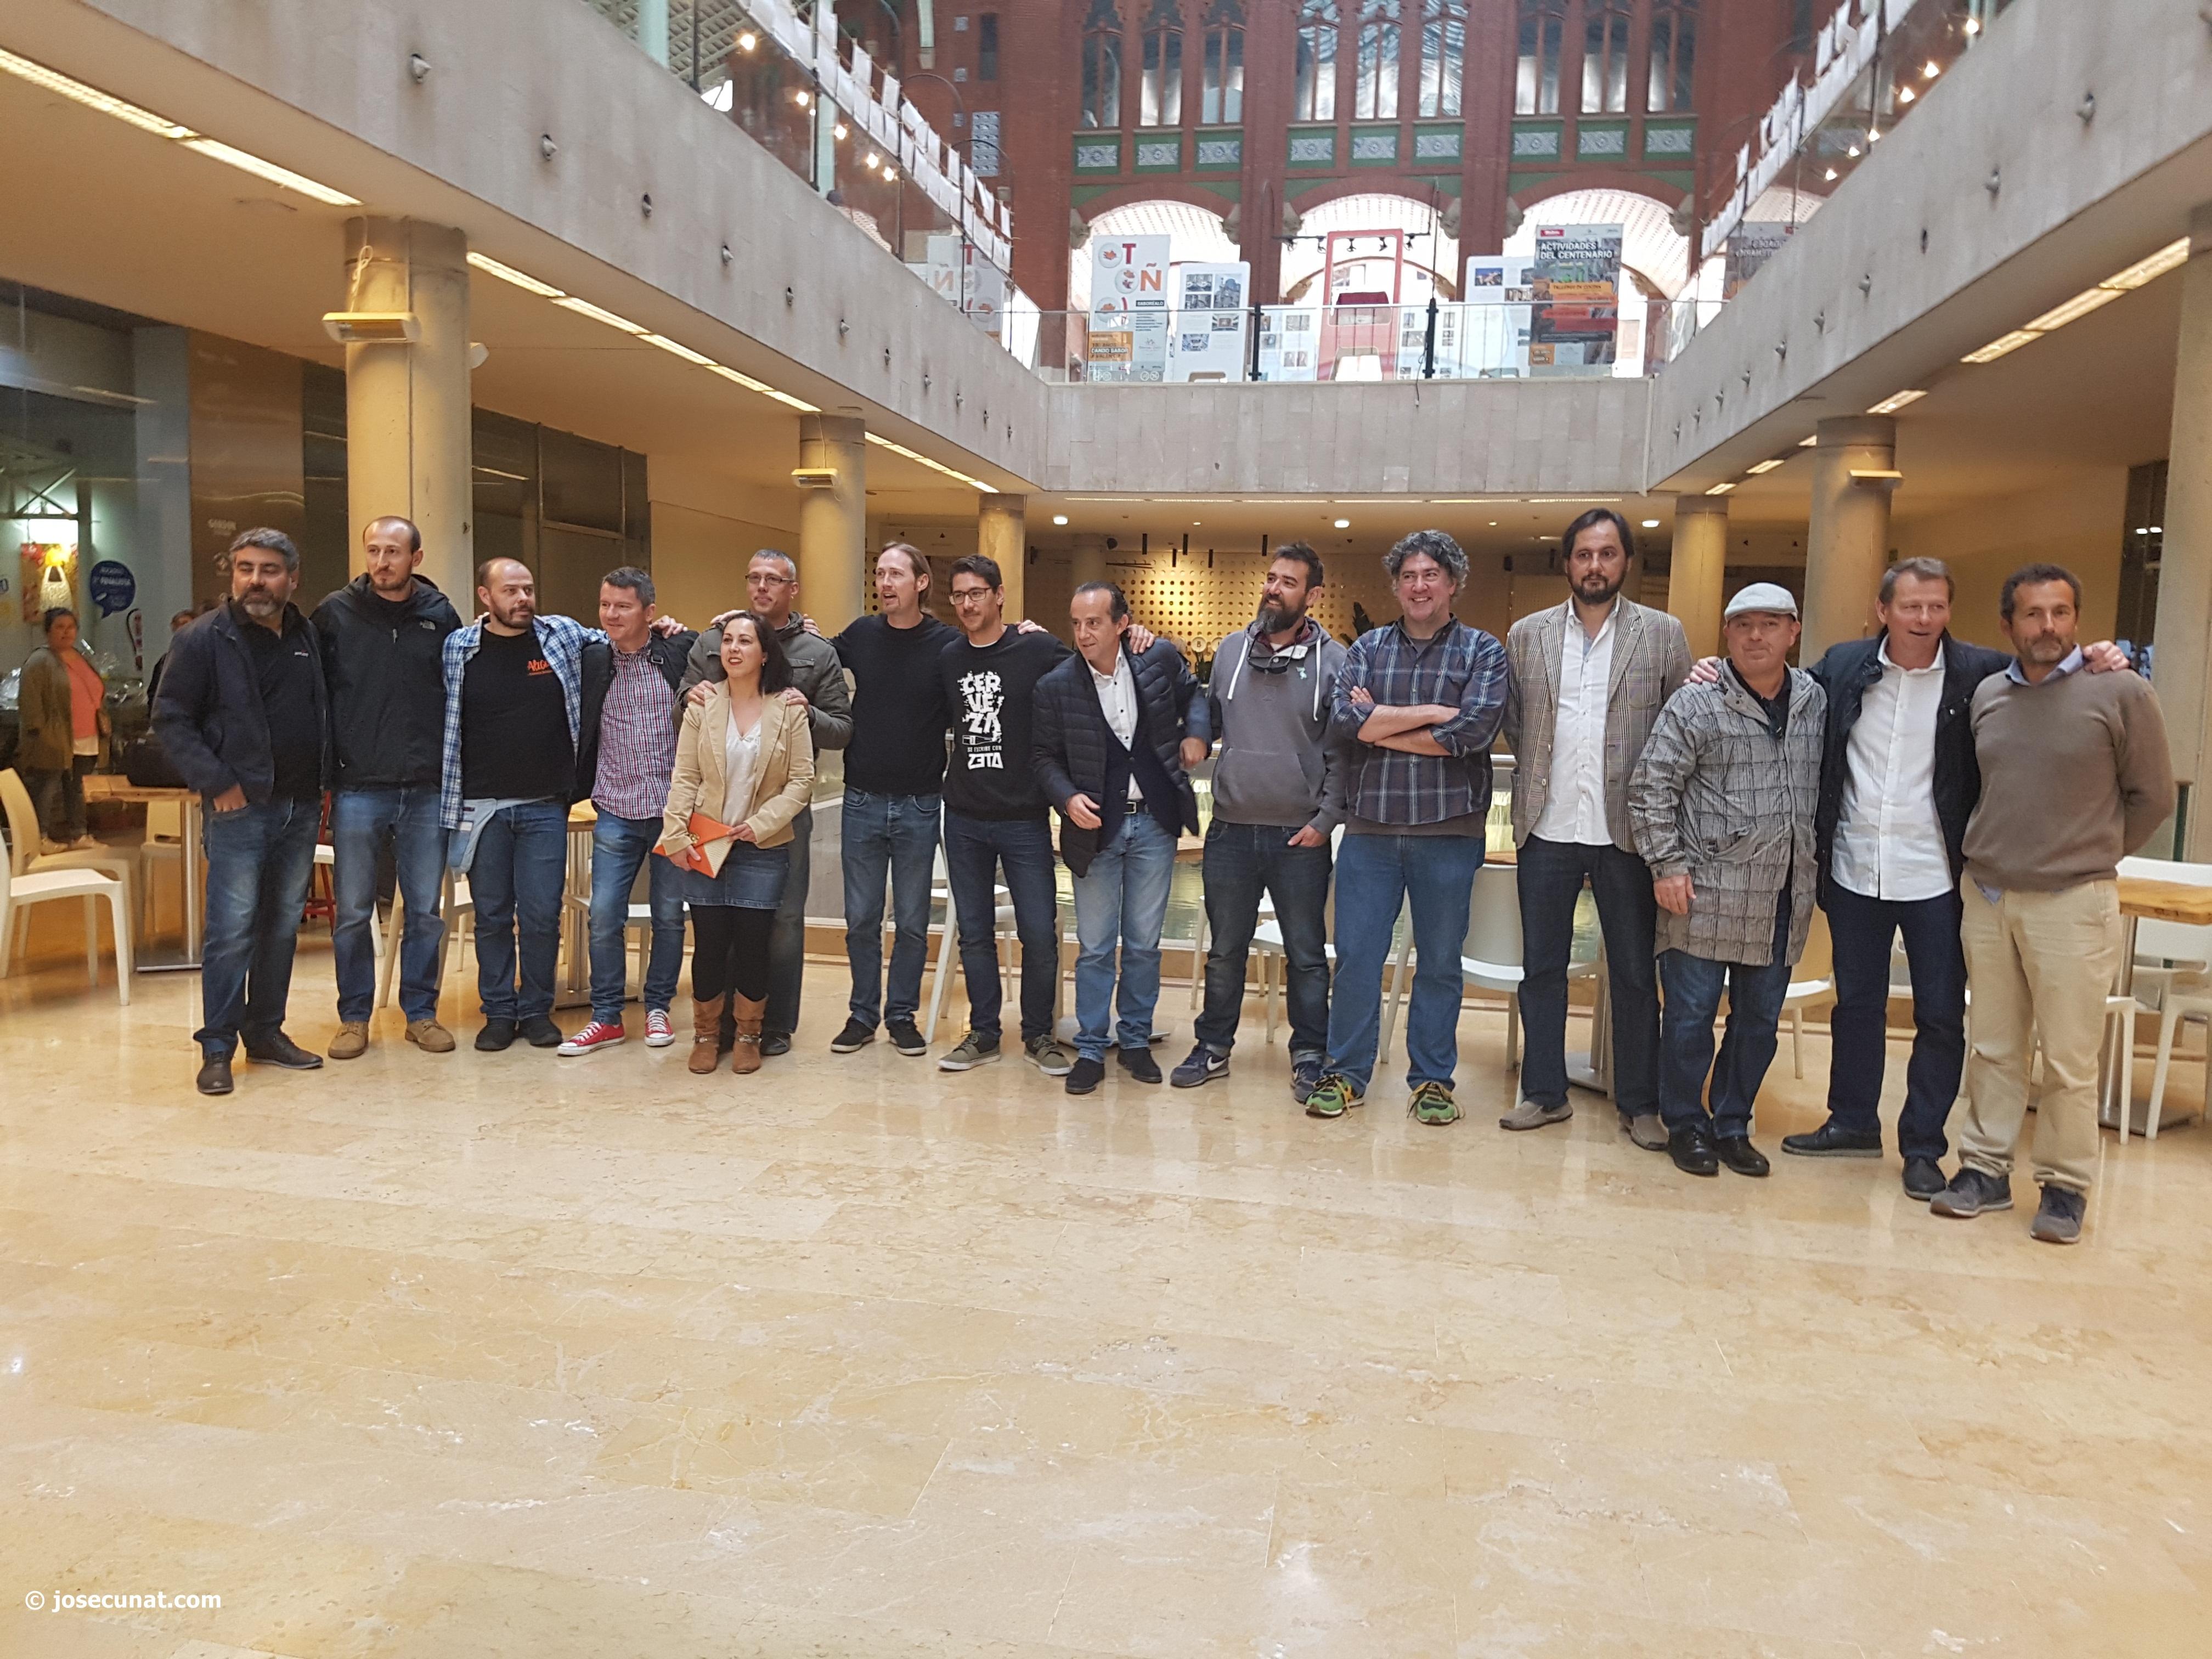 La primera València Beer Week reúne a una treintena de empresas cerveceras valencianas en una semana frenética